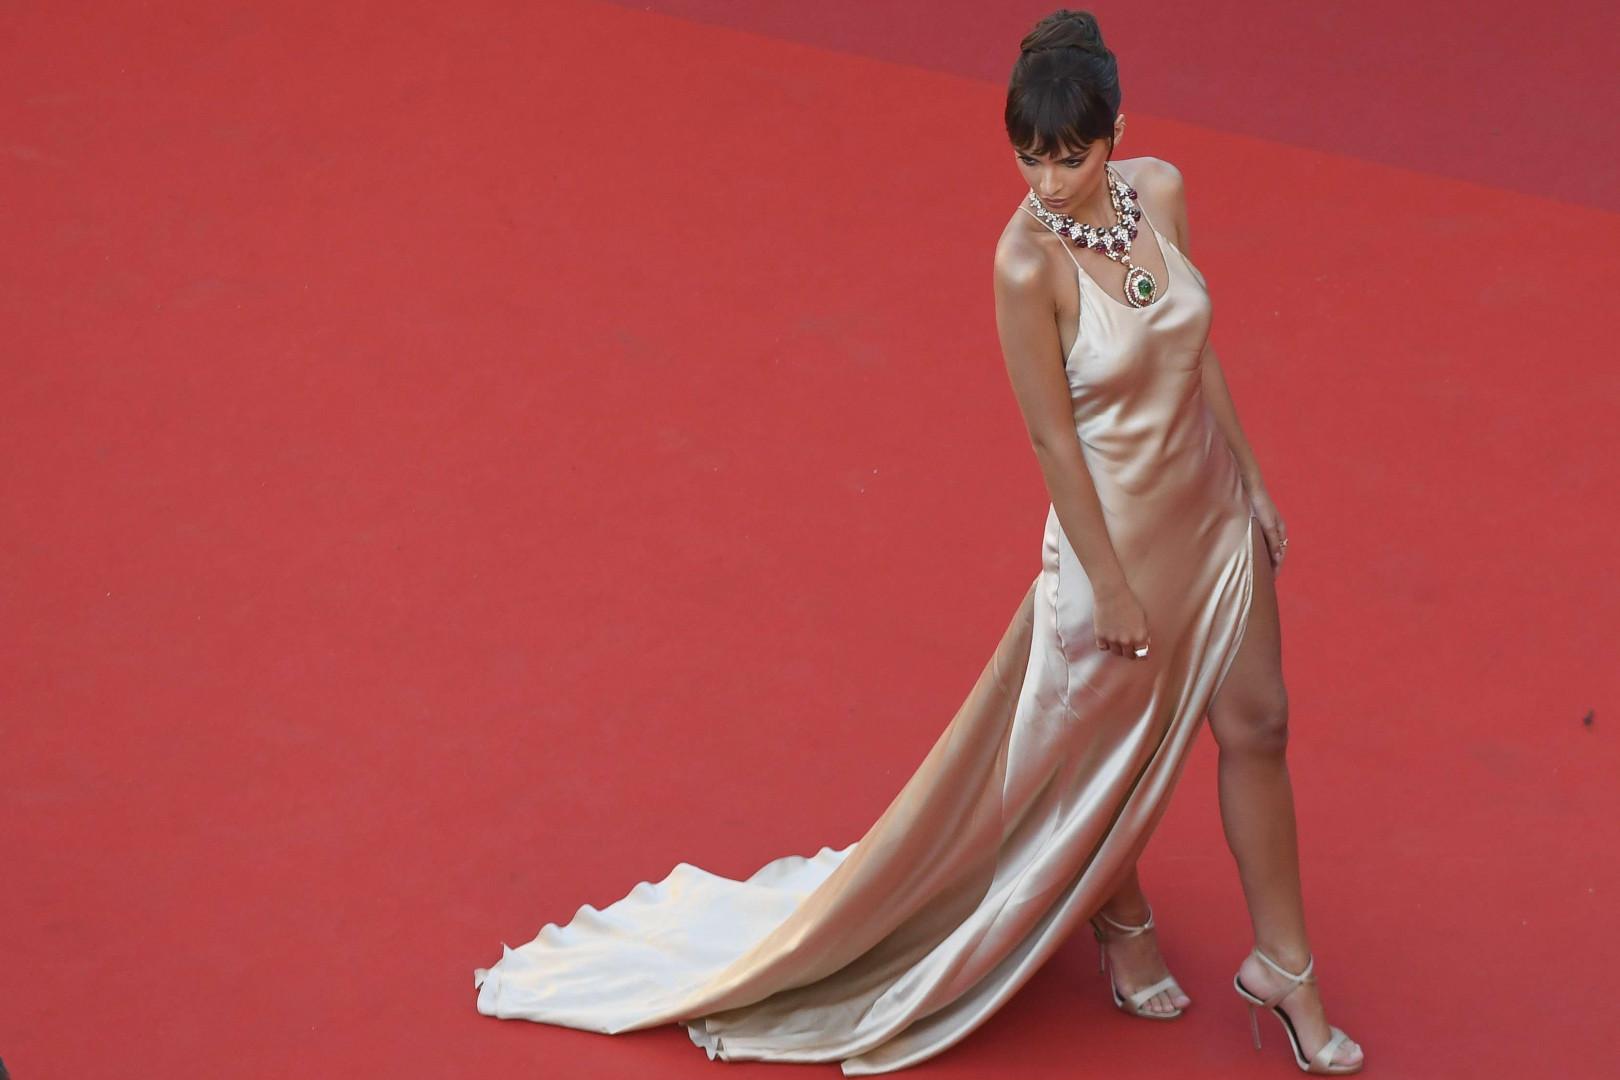 Emily Ratajkowski pour l'ouverture du Festival de Cannes, mercredi 17 mai